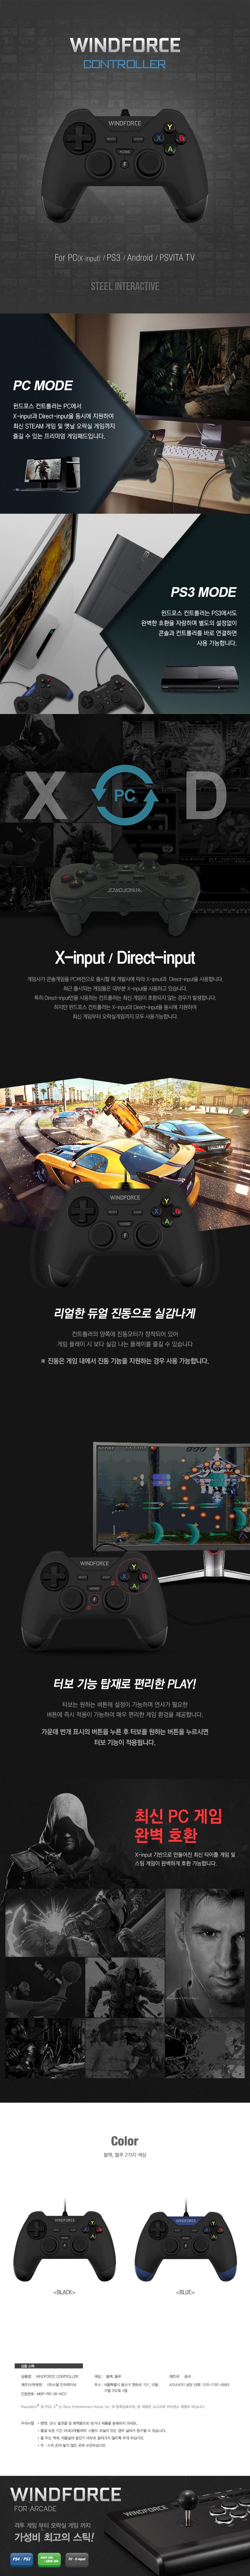 윈드포스 유선 컨트롤러(PC PS3 안드로이드 가능) - 게임팩토리, 22,300원, 게임기, 소니 게임주변기기